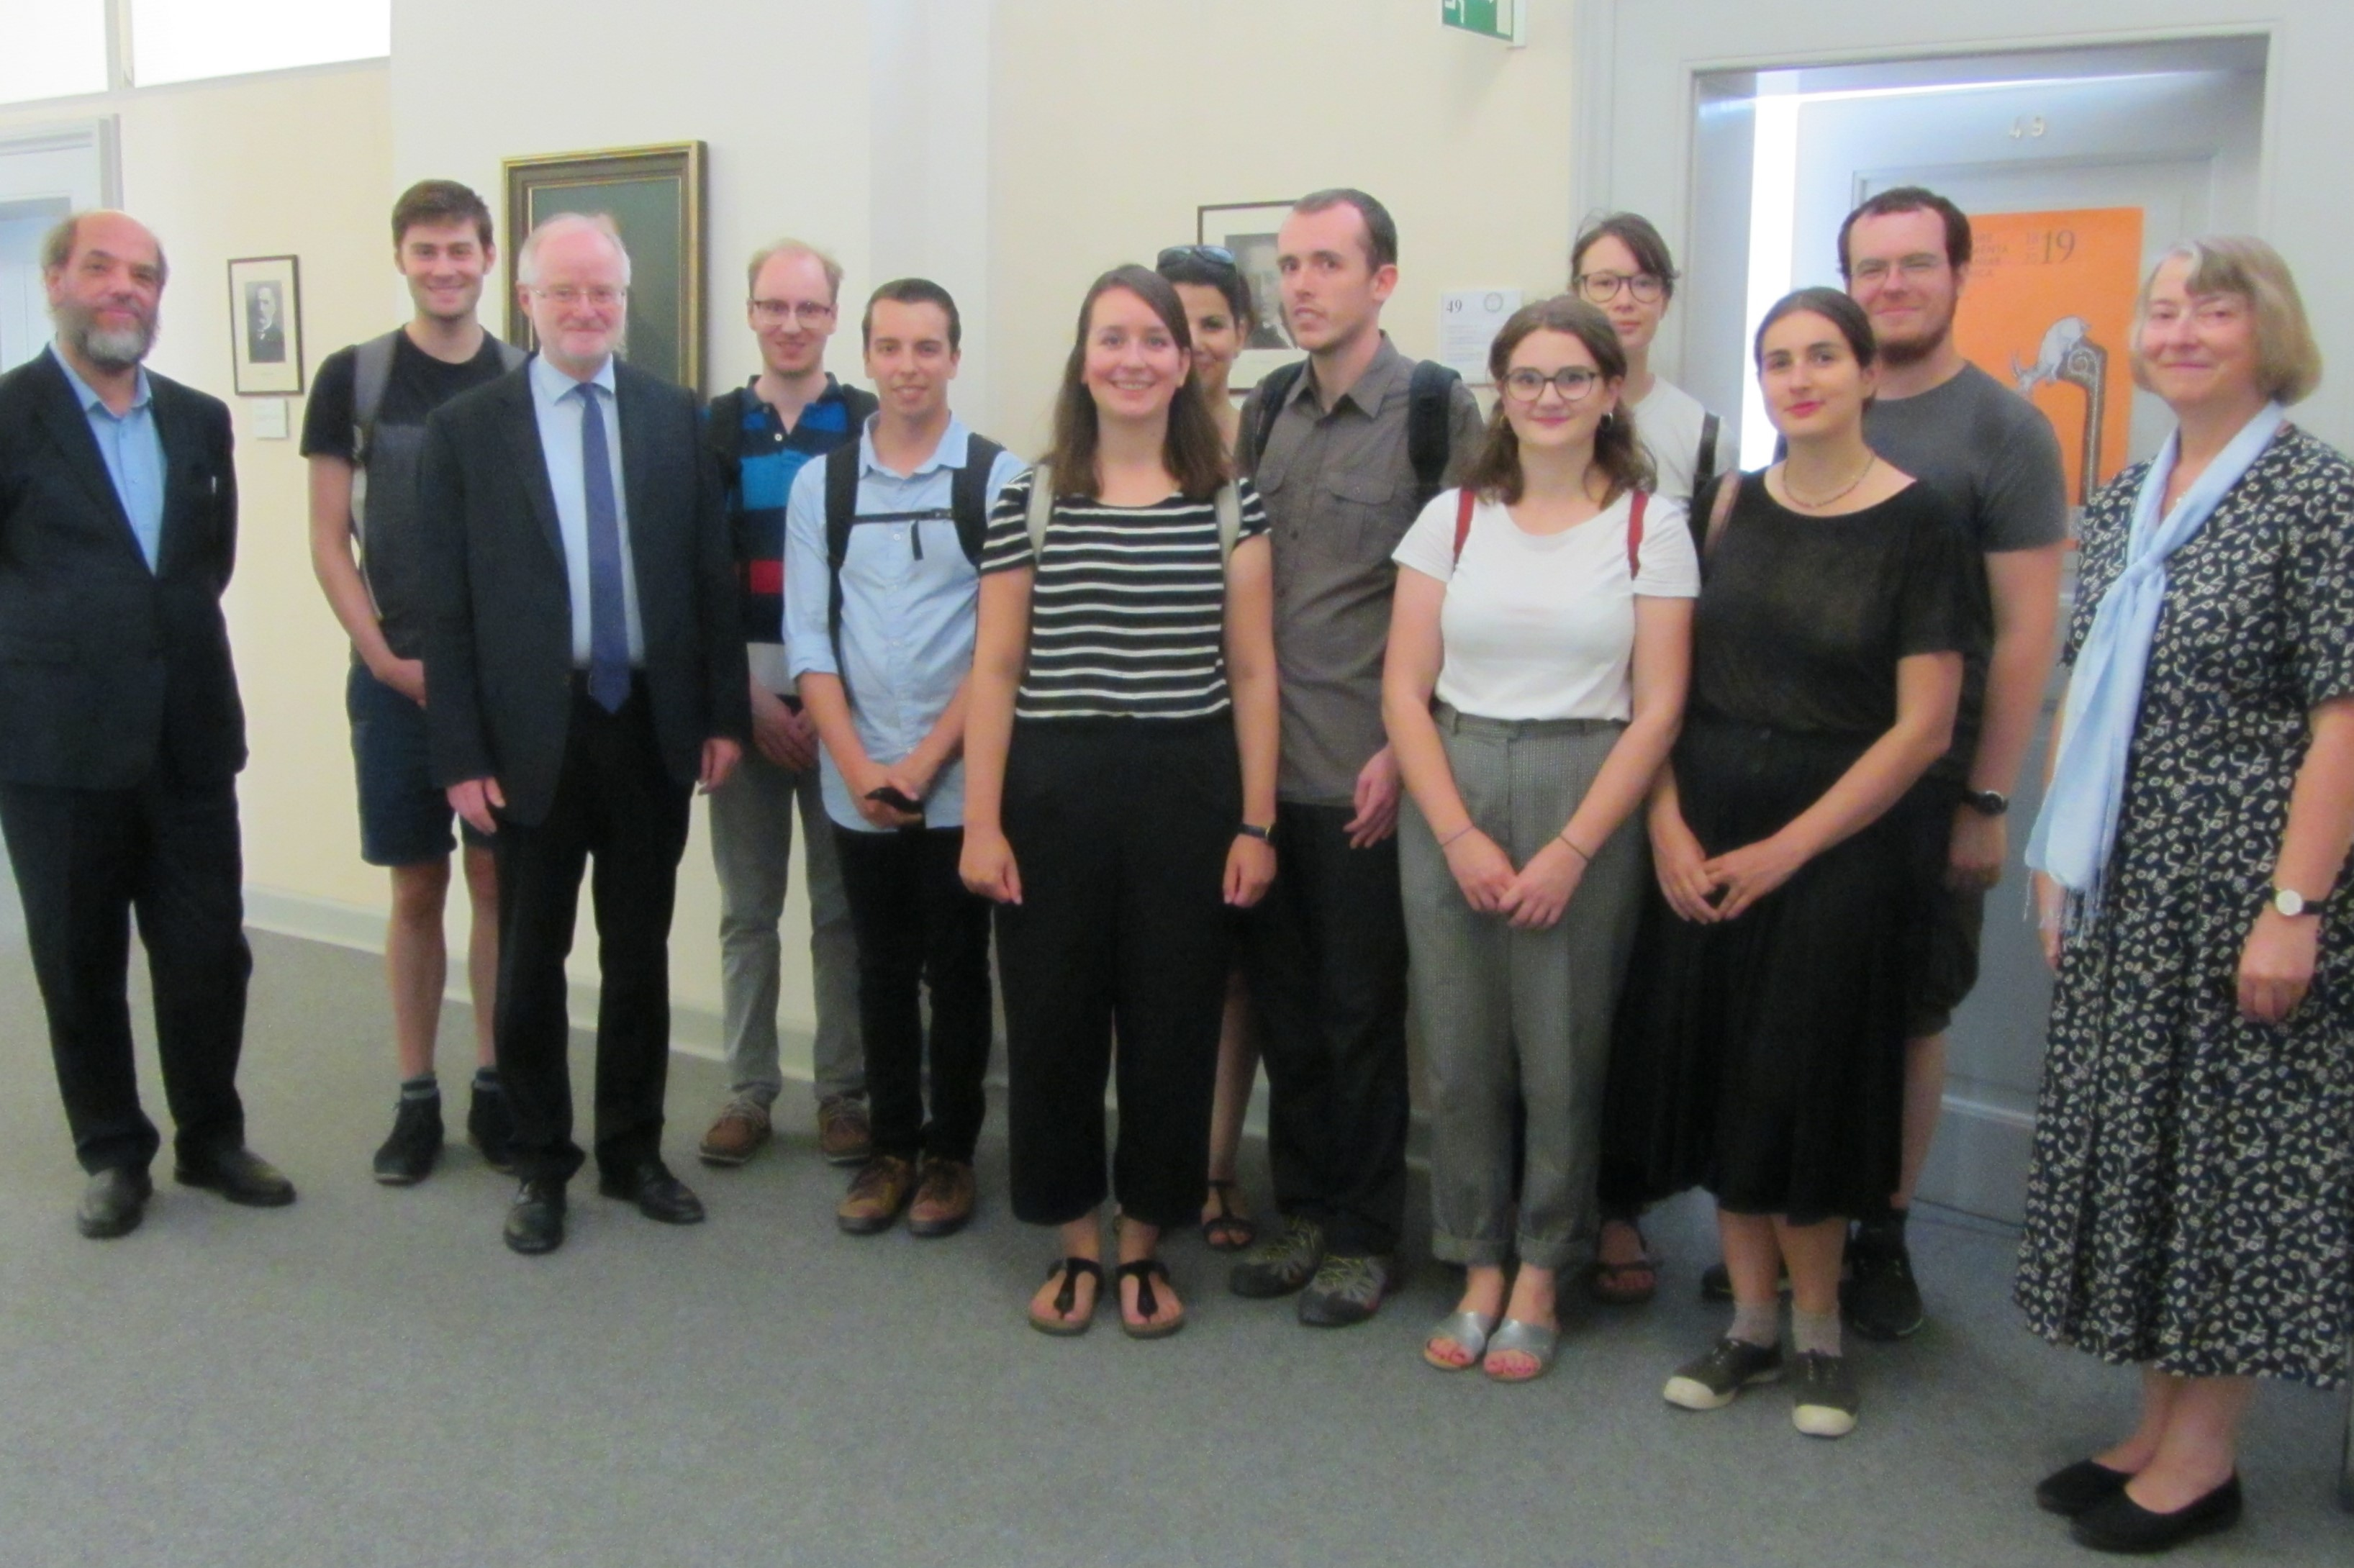 Arno Mentzel-Reuters, Leiter von Bibliothek und Archiv der MGH<br/>(links) und Martina Hartmann, Präsidentin der MGH (rechts)</br>stellen den Gästen aus Frankreich die MGH vor.